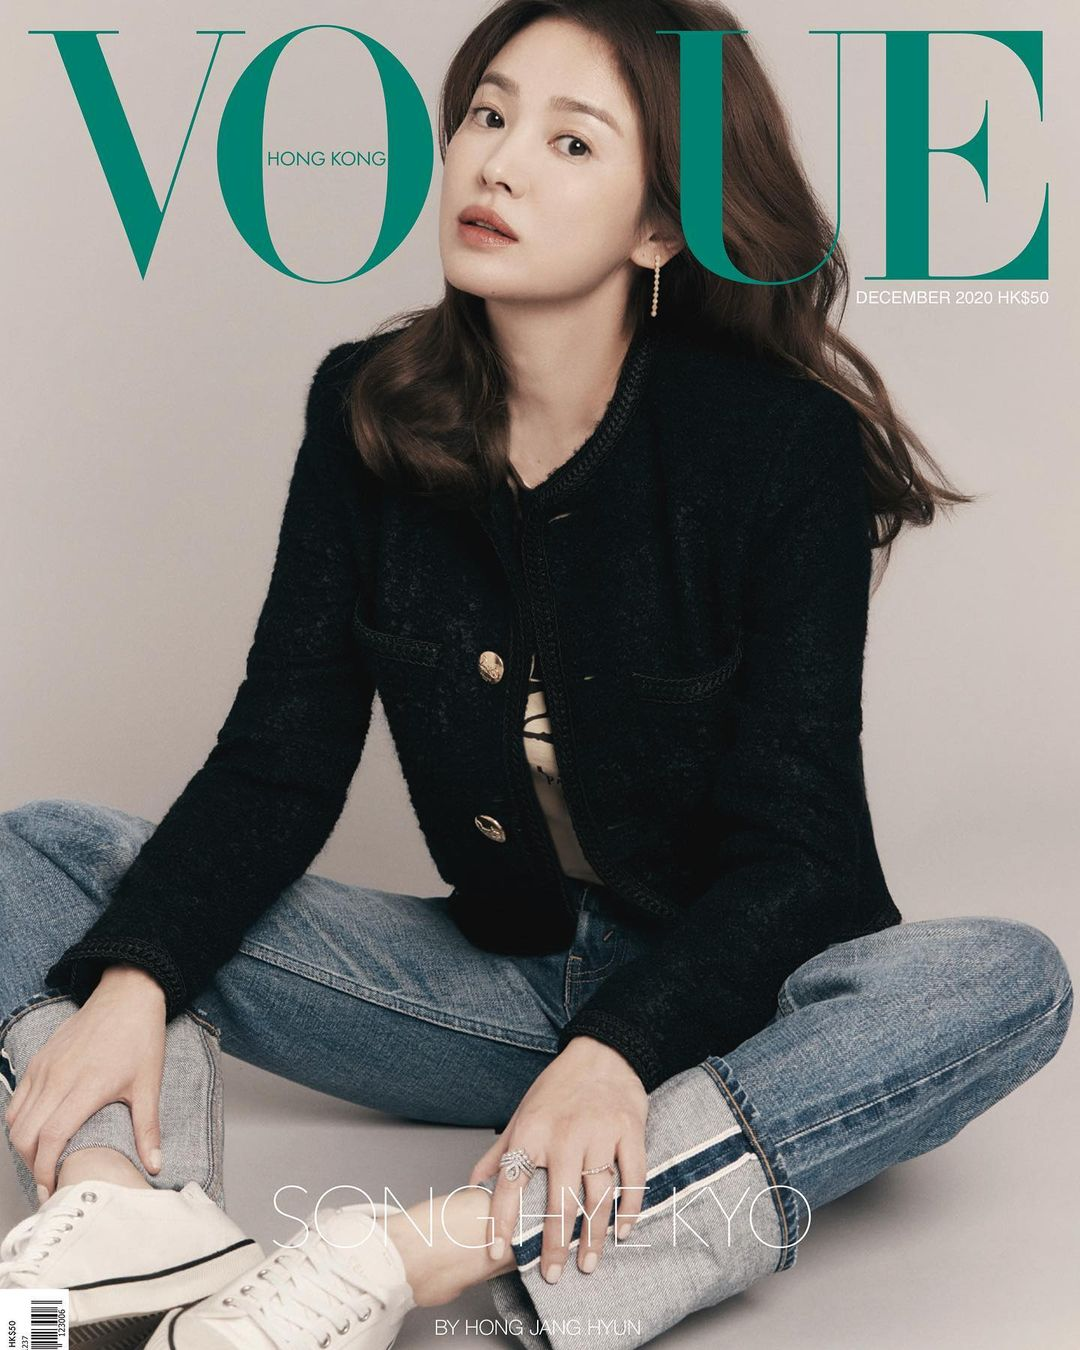 Song Hye Kyo for Vogue Hong Kong